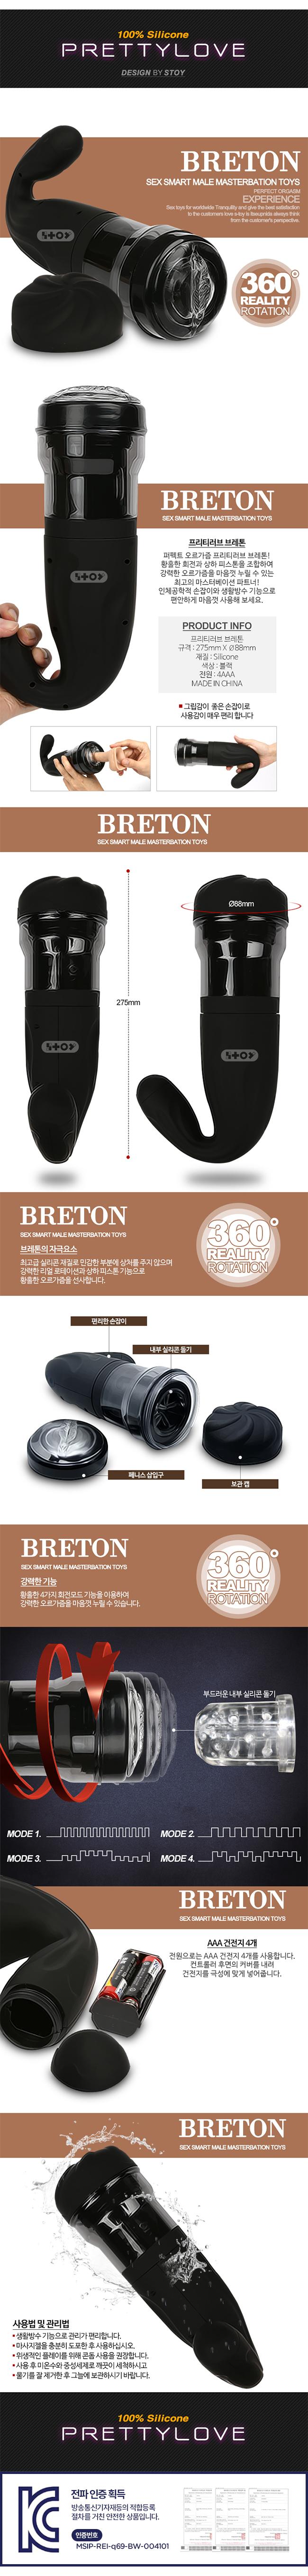 [피스톤+역회전] 프리티 러브 브레튼(Pretty Love Breton) - 바일러(BM-00900T45) (BIR)